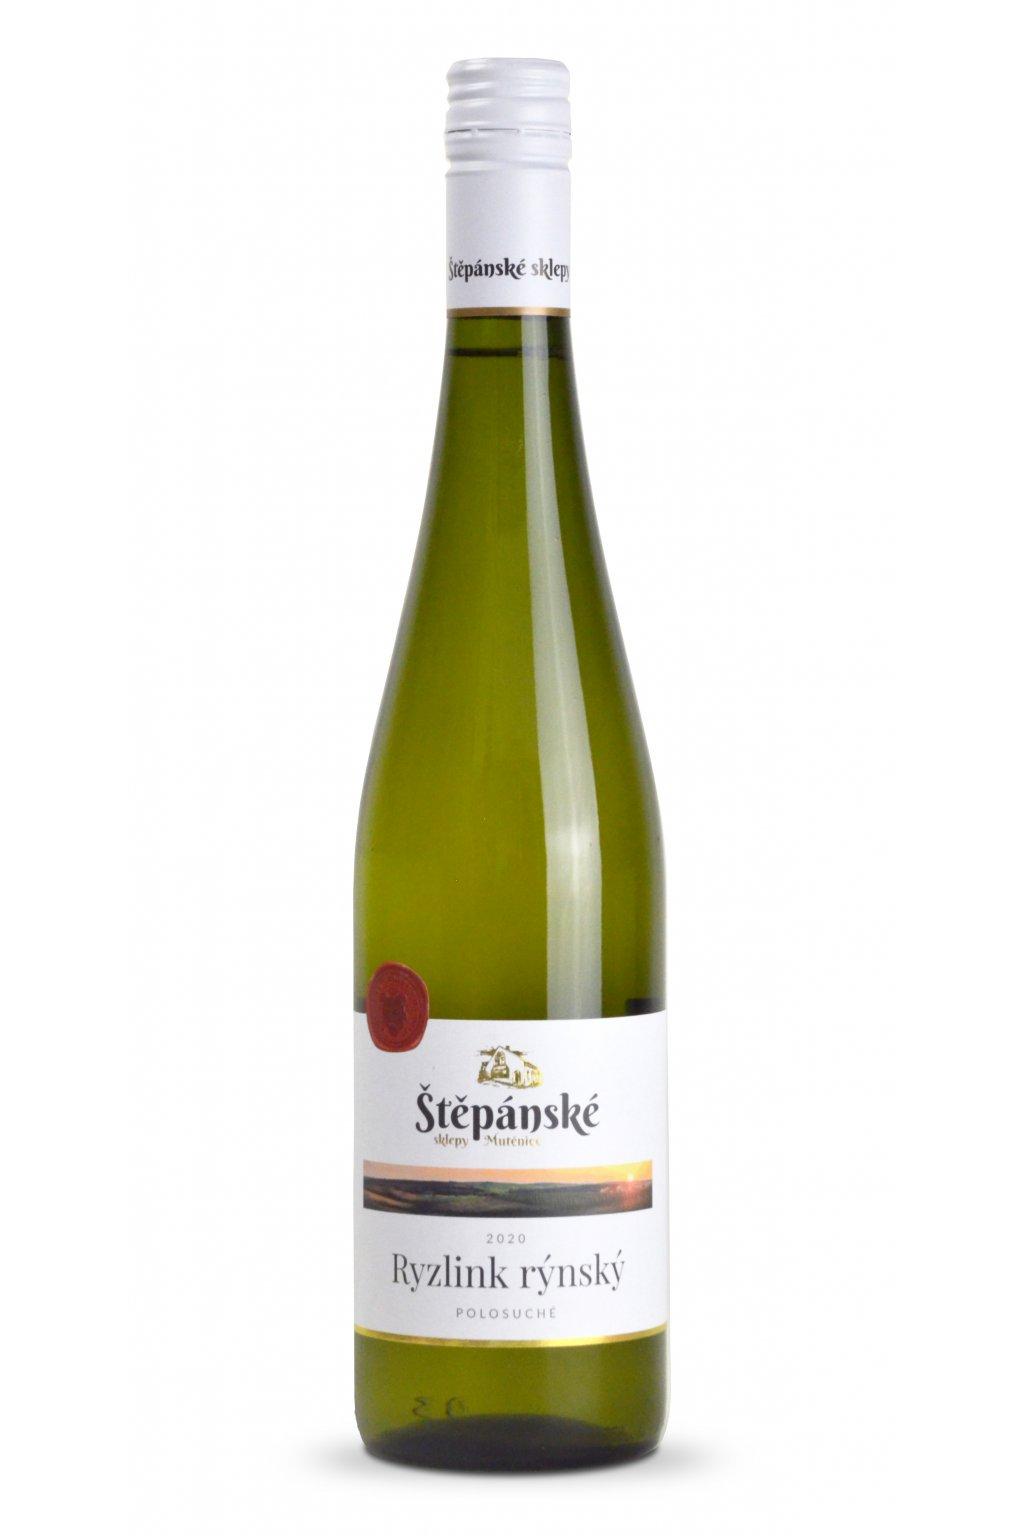 stepanske vino ryzlink rynsky